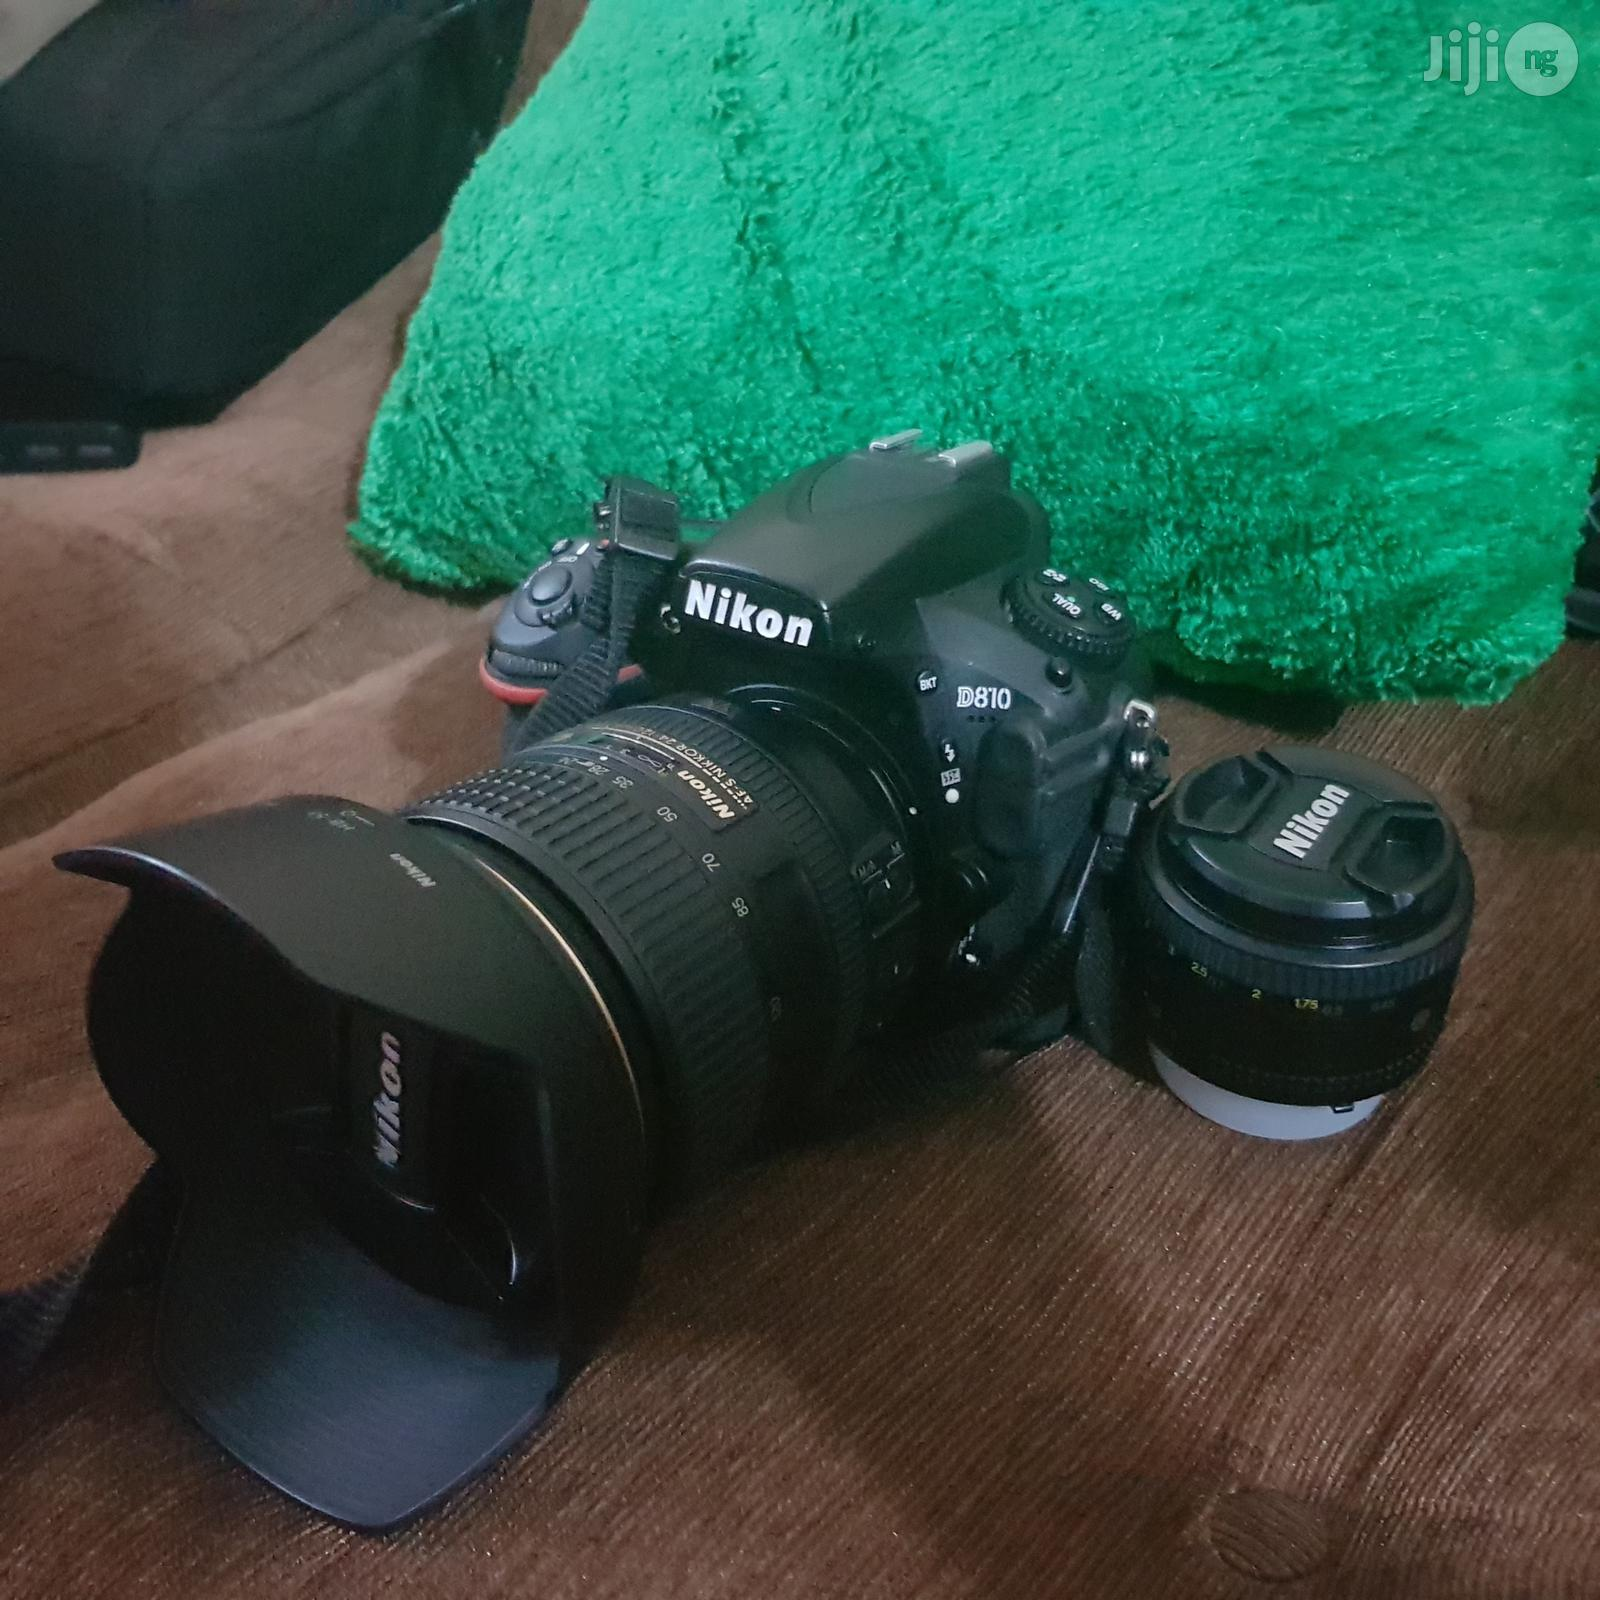 Archive: Nikon D810